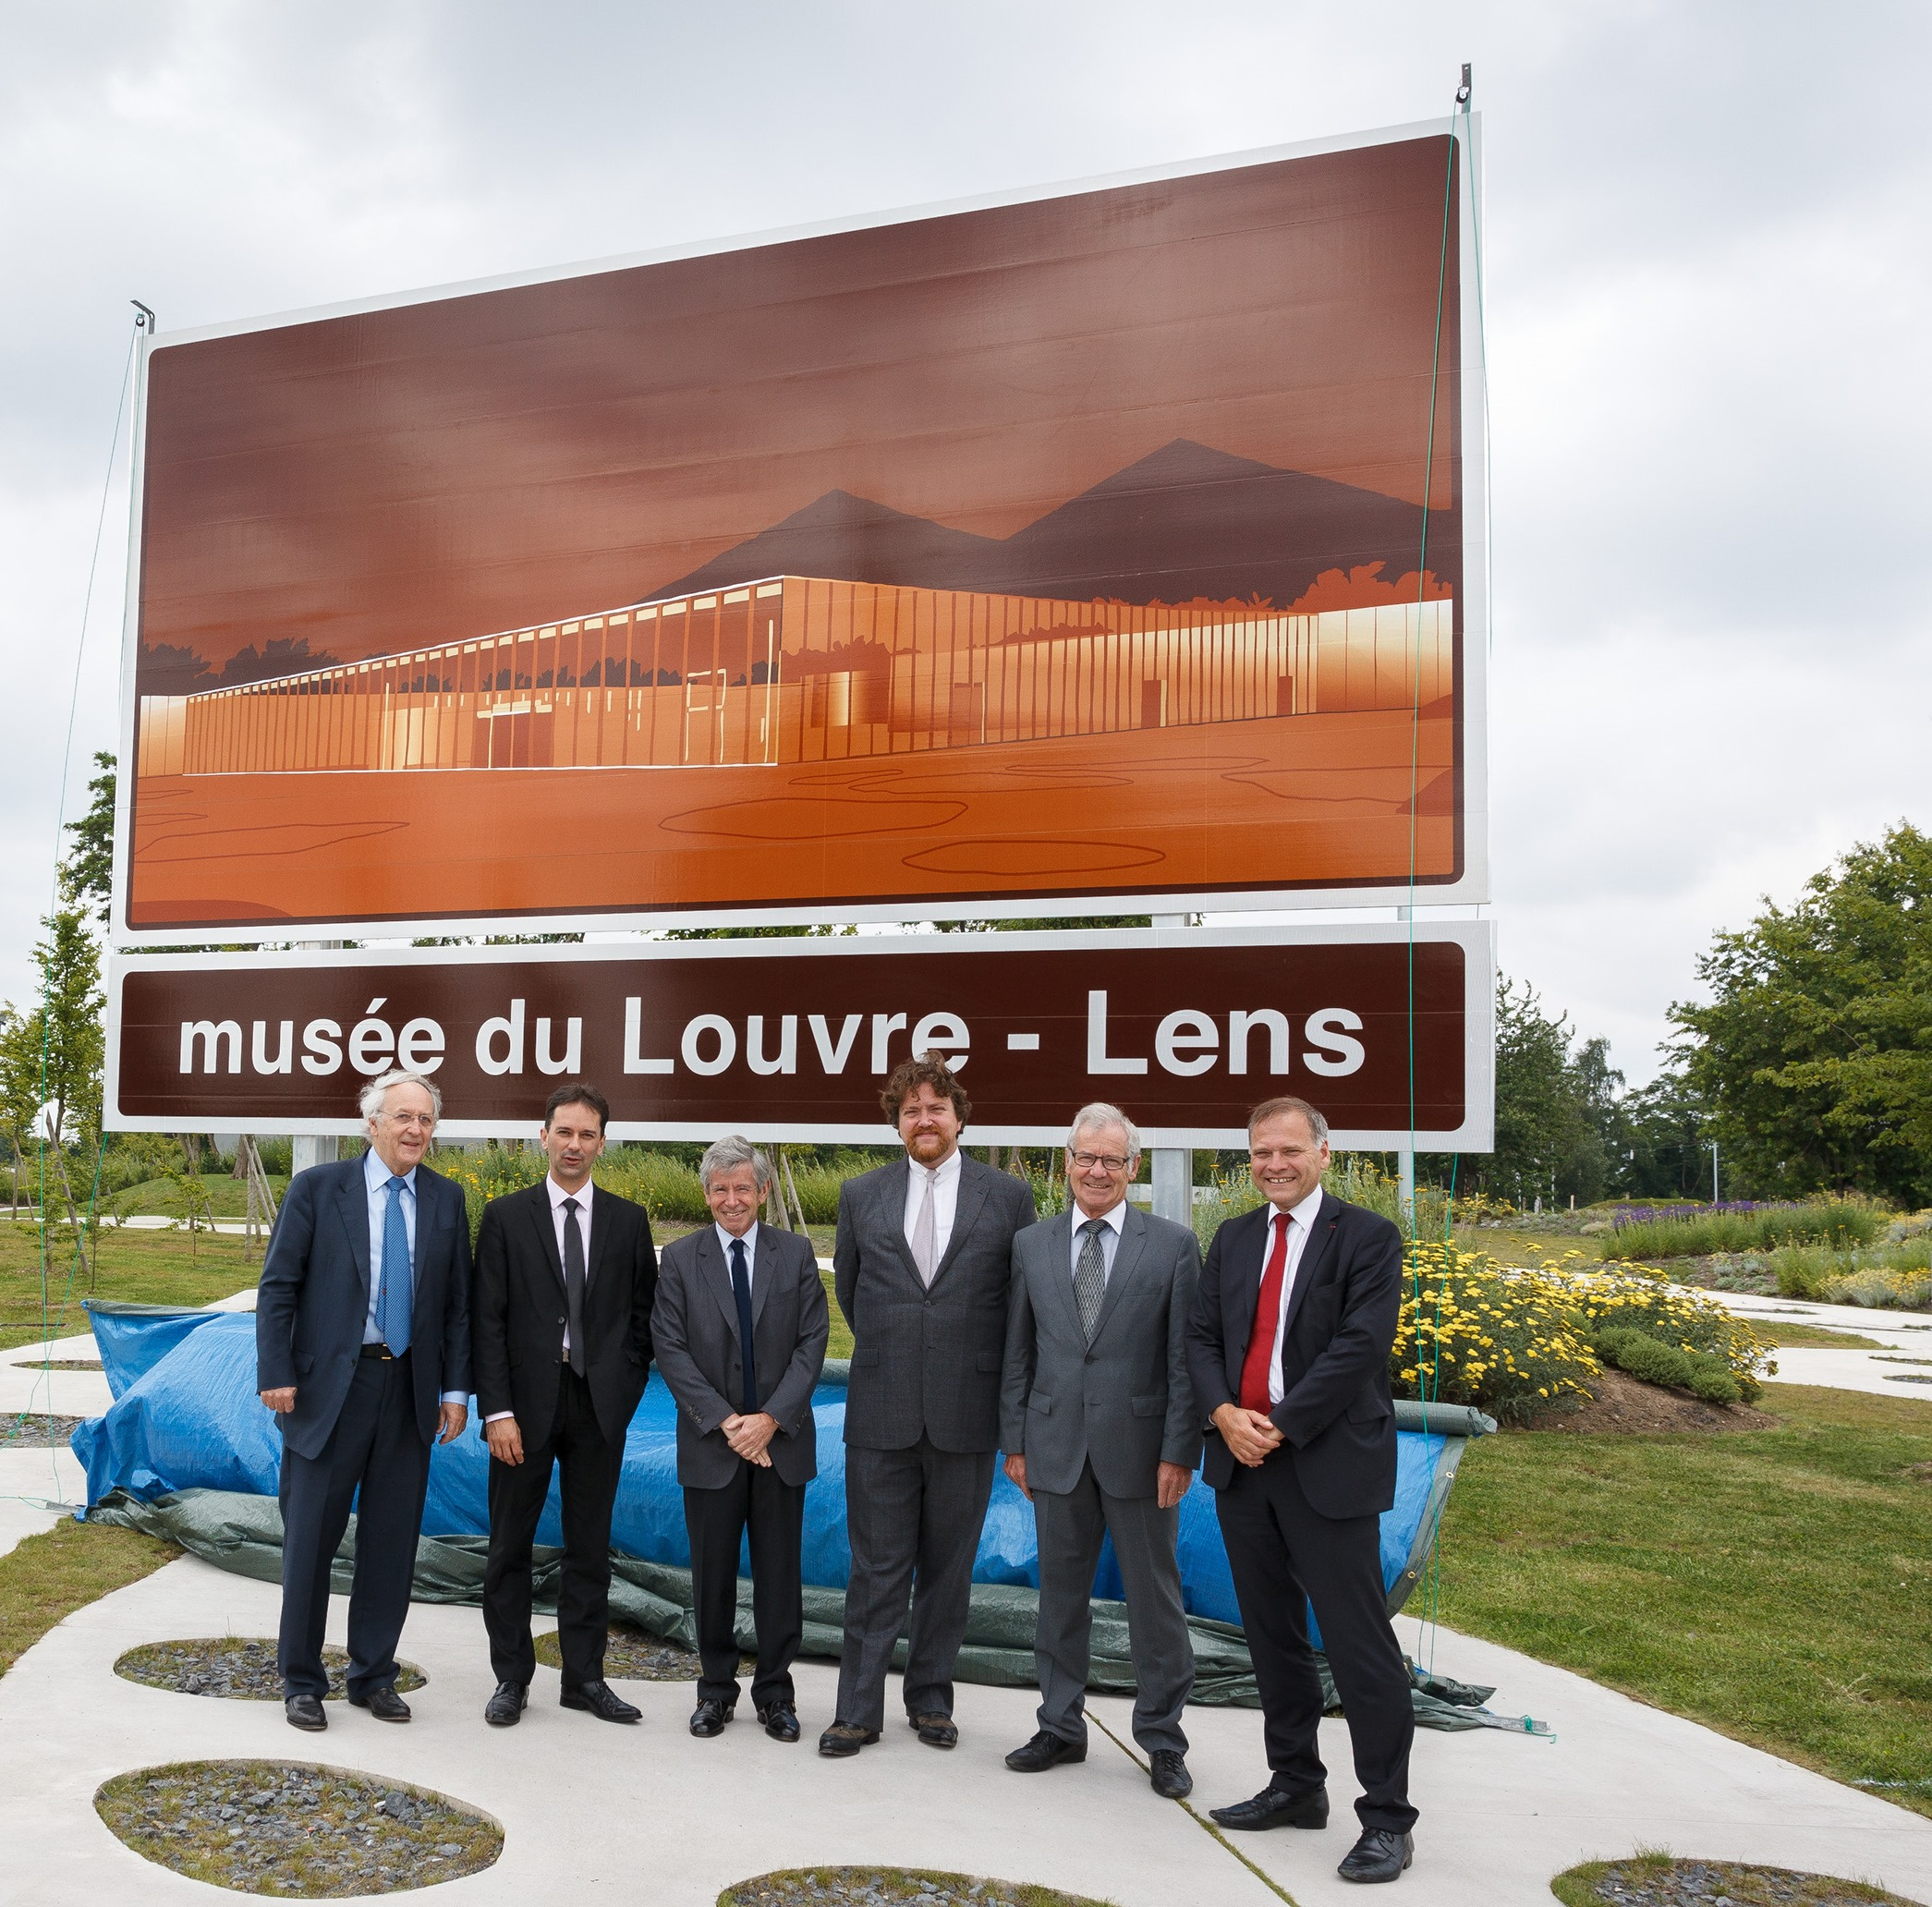 Laurent Lamacz / Ville de Lens